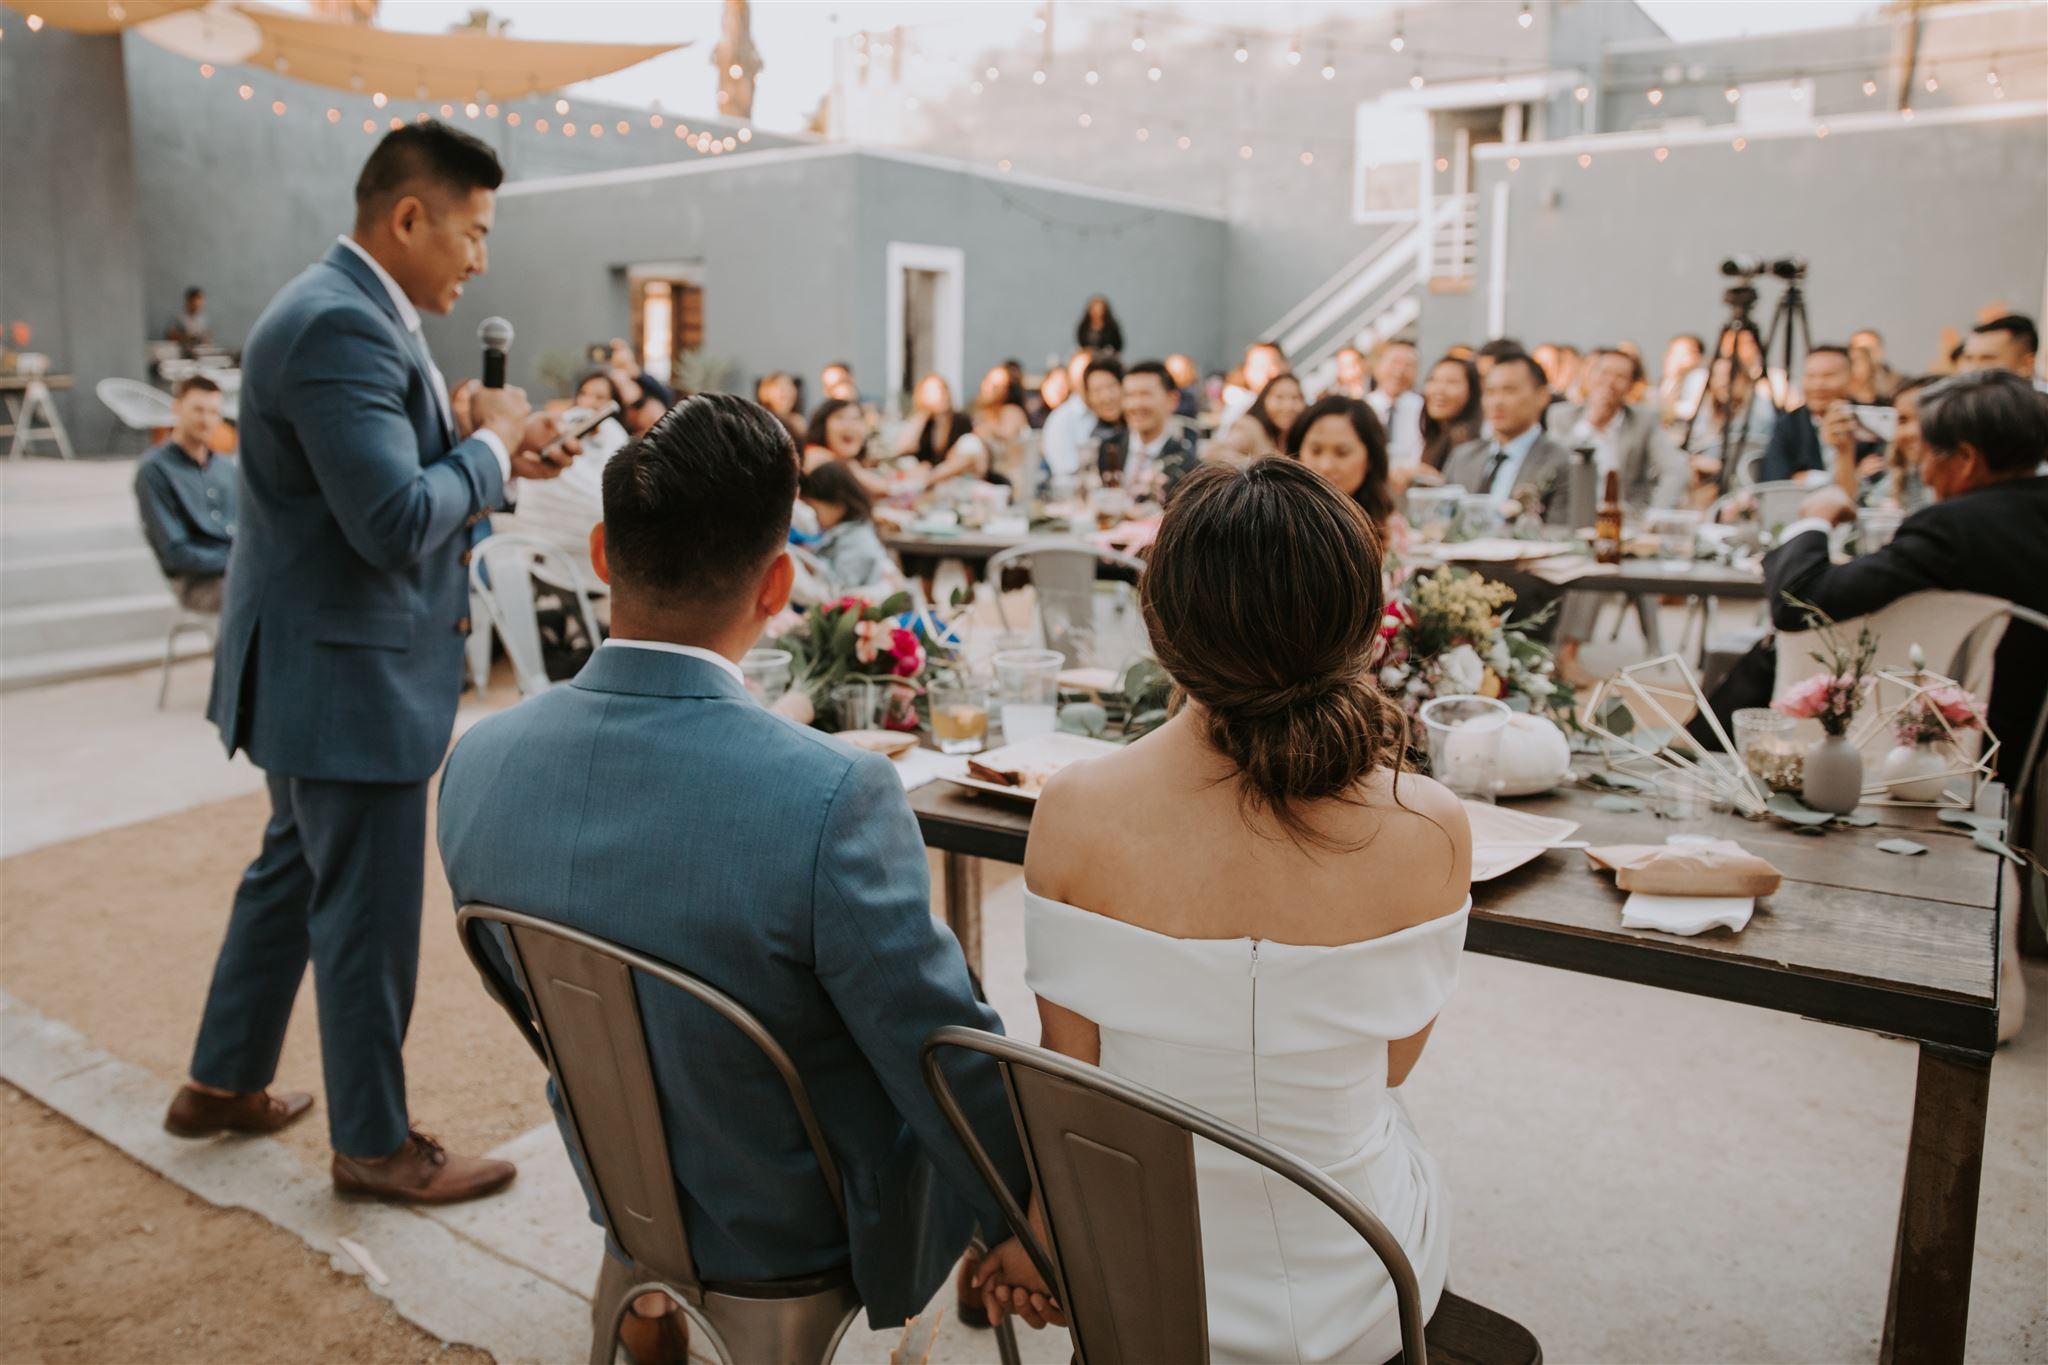 City Libre DTLA Downtown LA Los Angeles Wedding May Iosotaluno 88.jpg